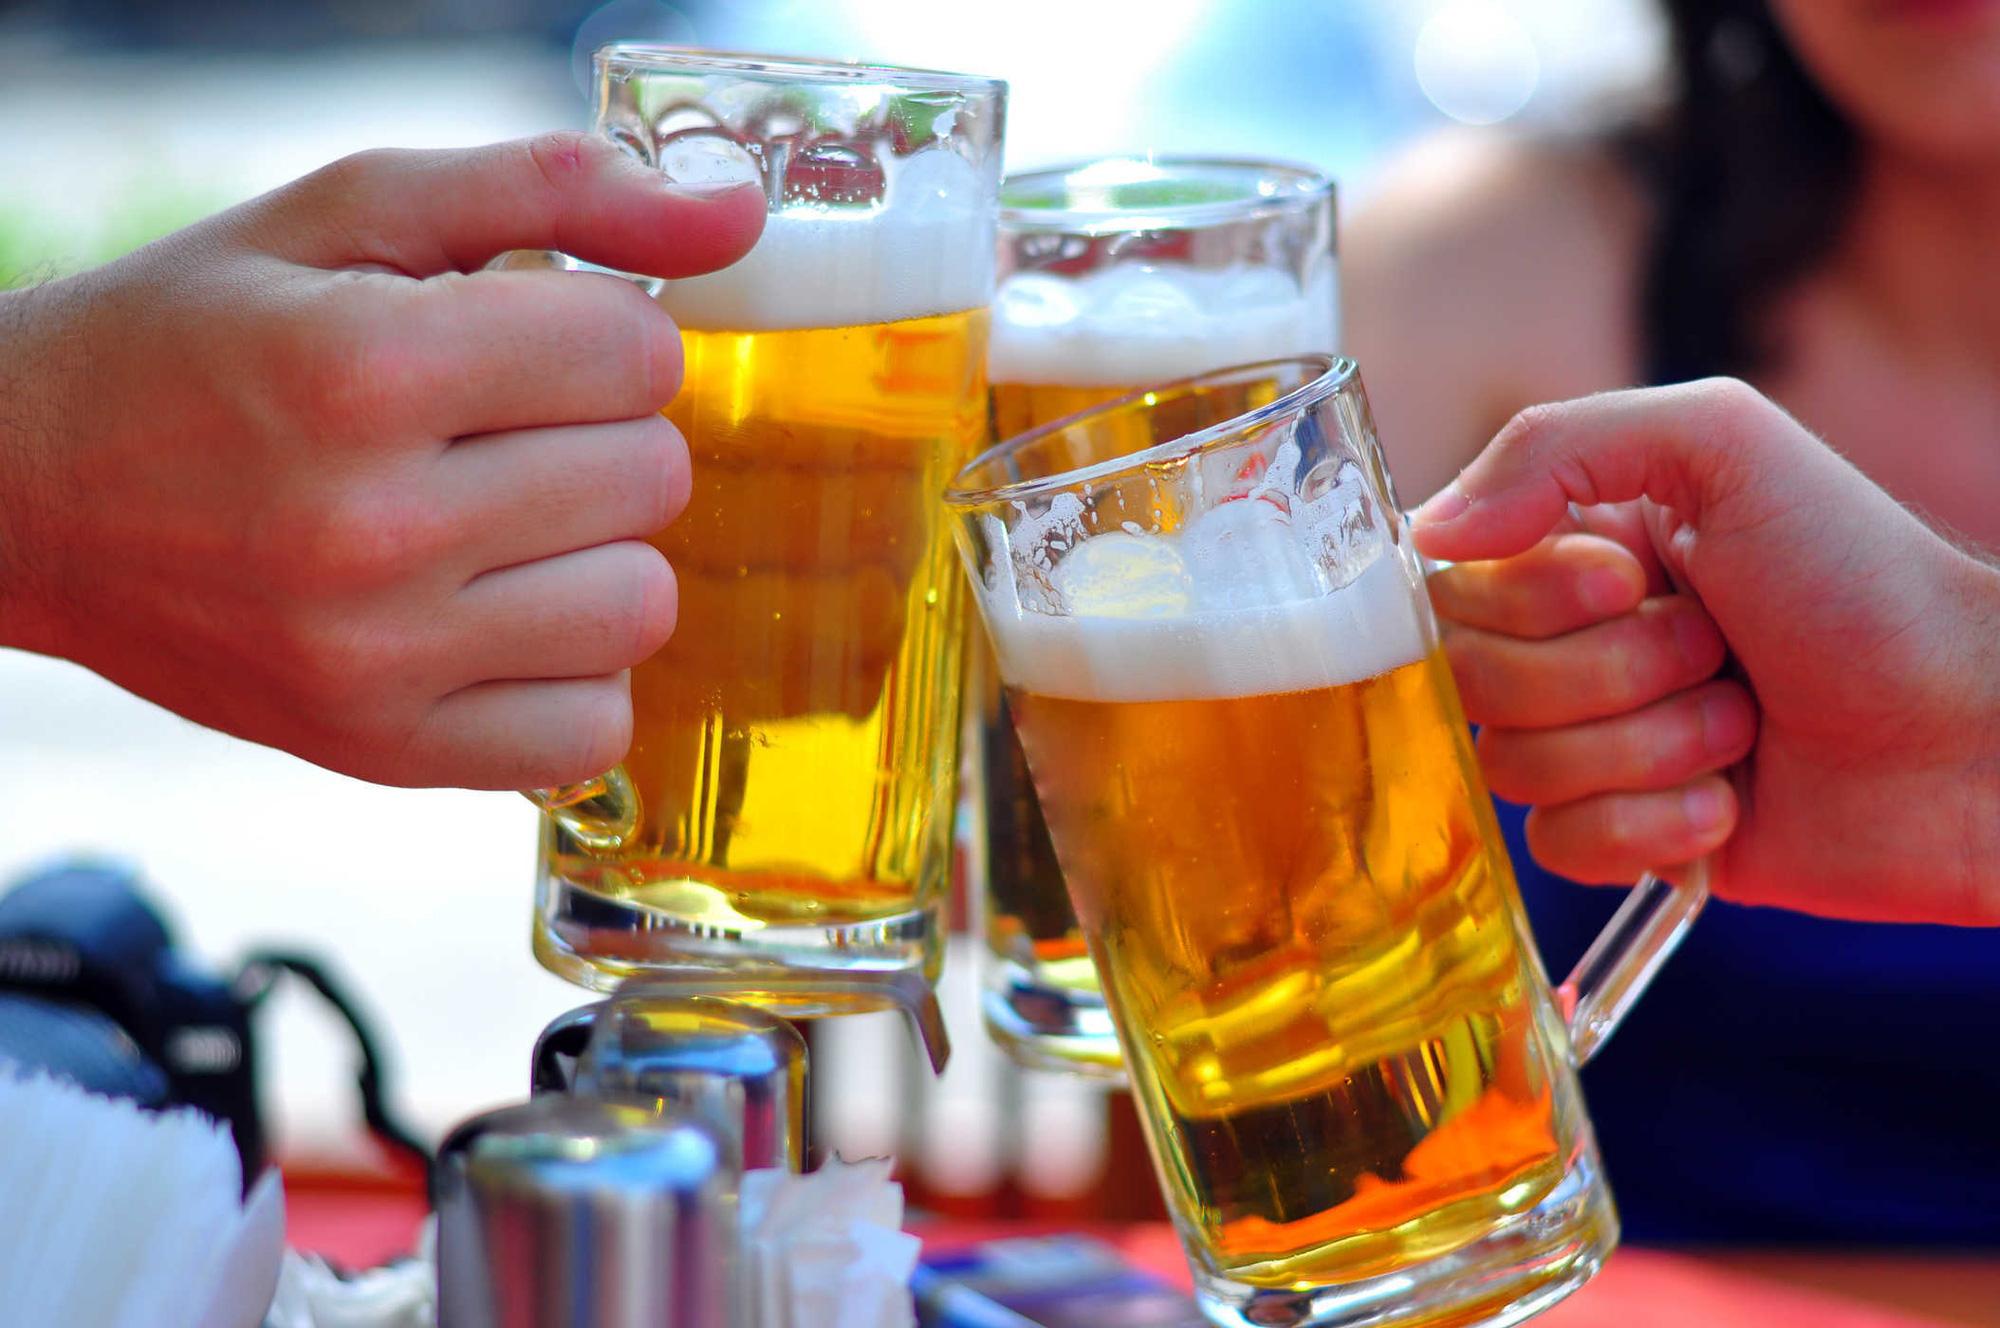 Ngồi uống bia chờ xem trận Việt Nam-Malaysia, 3 người bị phạt 6 triệu đồng